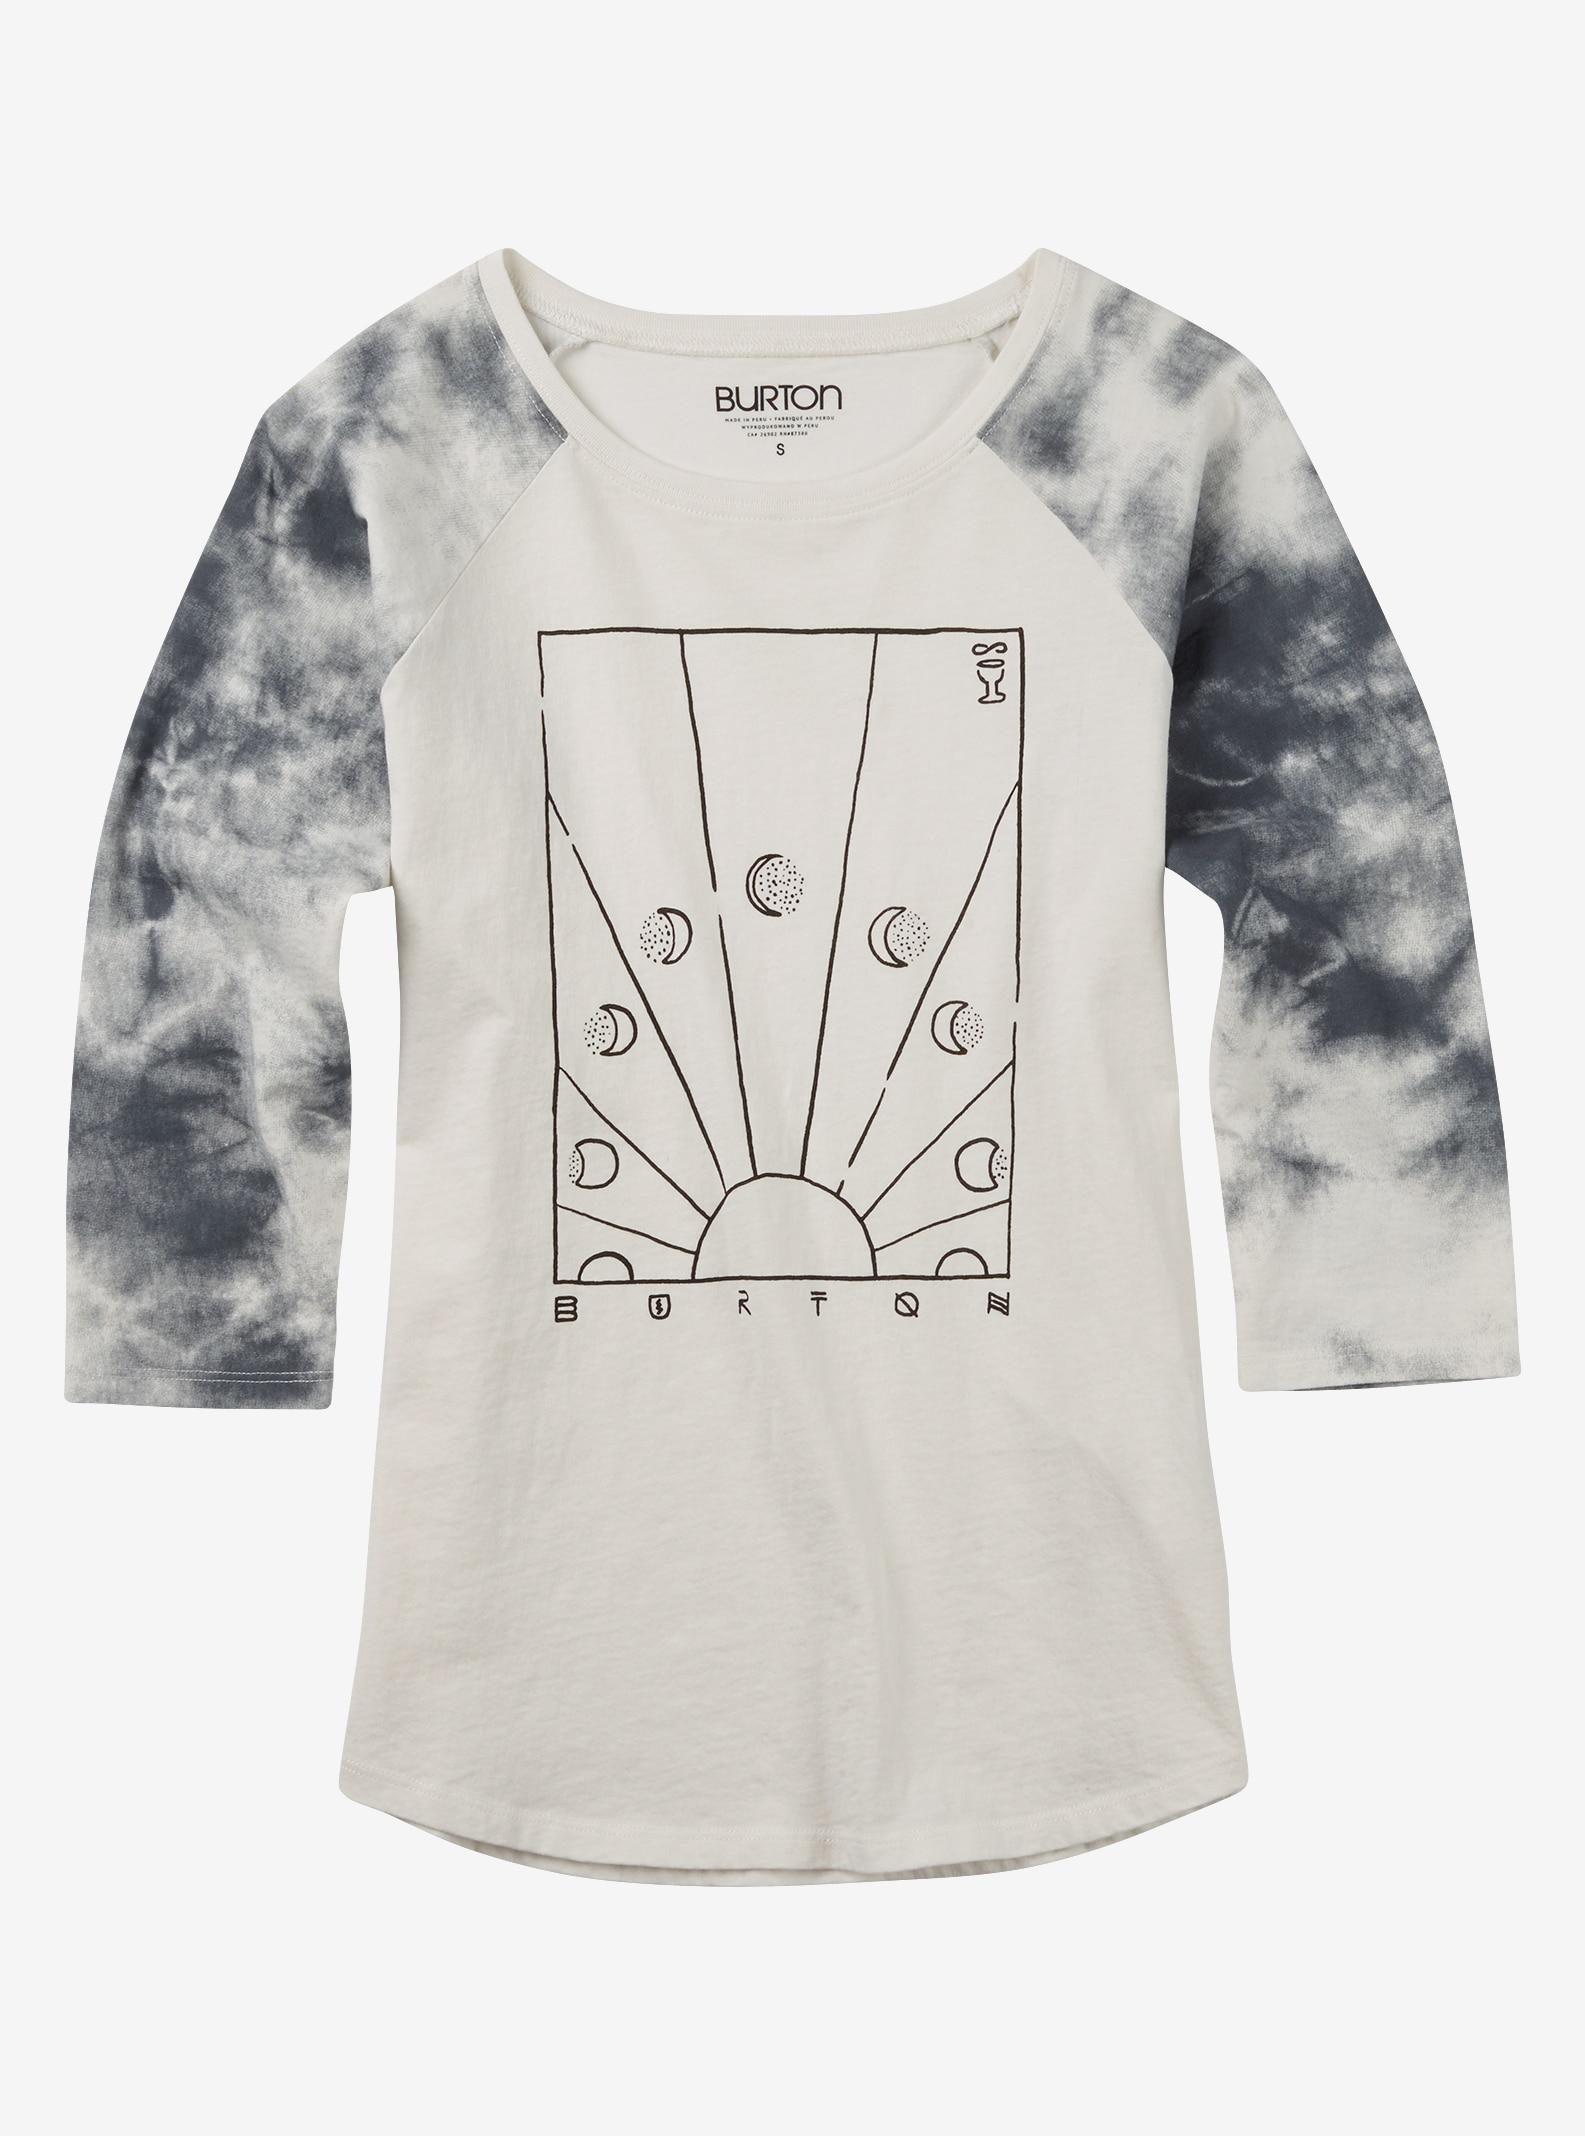 Burton Dusk Shirt mit 3/4 Raglanärmeln angezeigt in Stout White